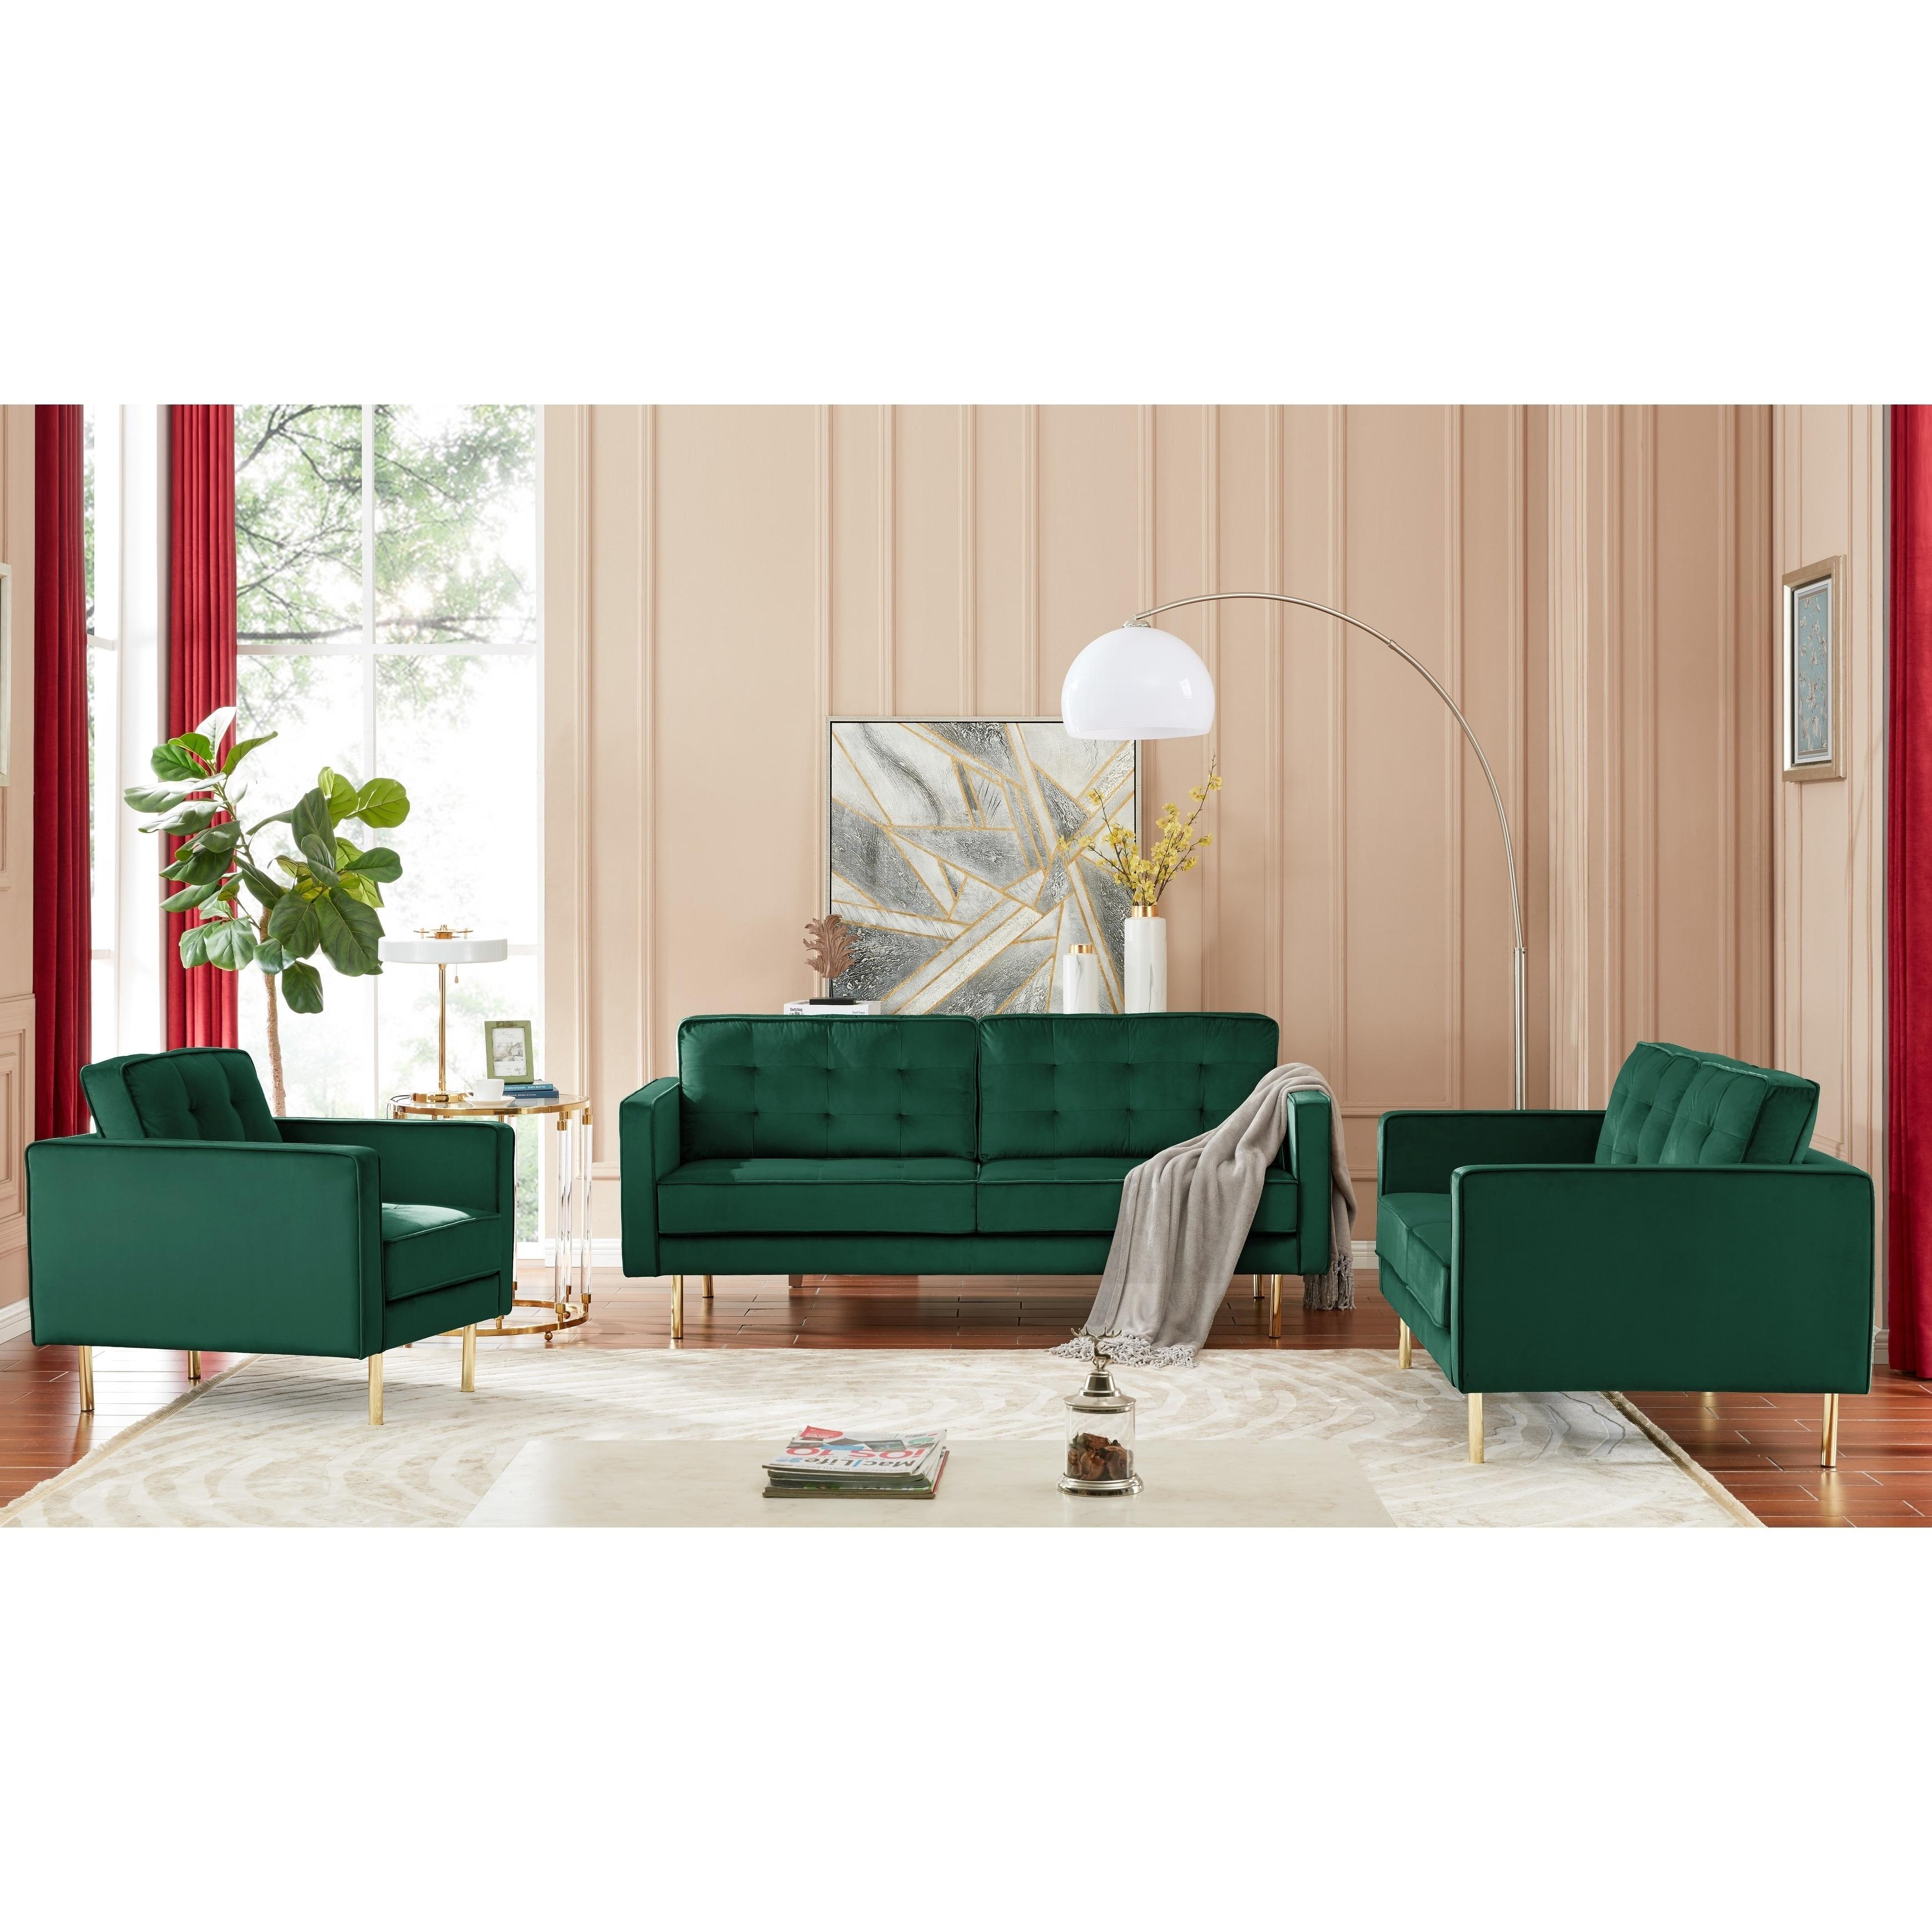 Green Teal Modern Velvet Tufted Sofa With Gold Legs Overstock 28979096 Medium